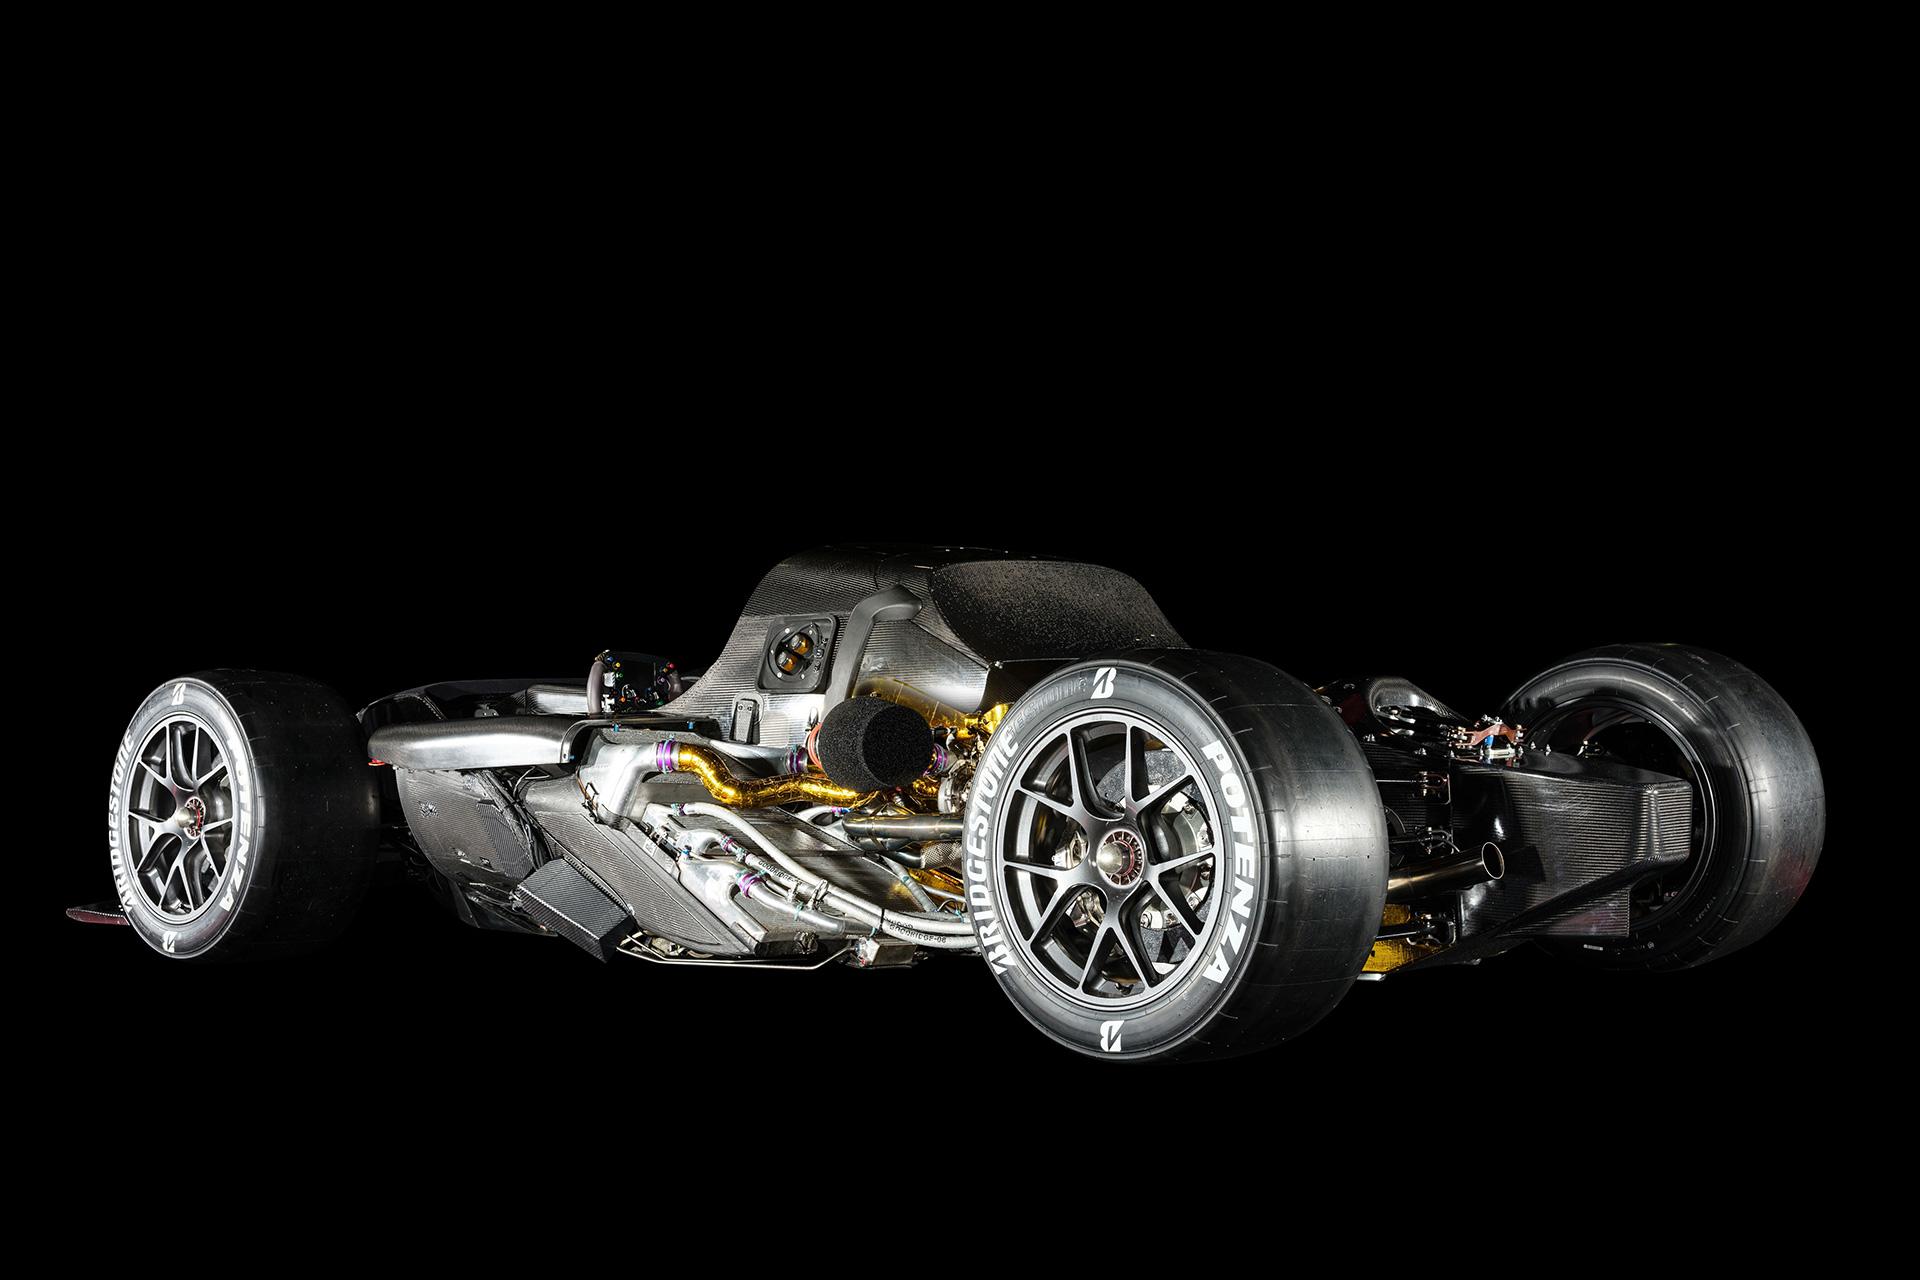 「1億円オーバーの国産車対決。スペシャルなGT-RとトヨタのGRスーパースポーツを比べてみたら……」の7枚目の画像